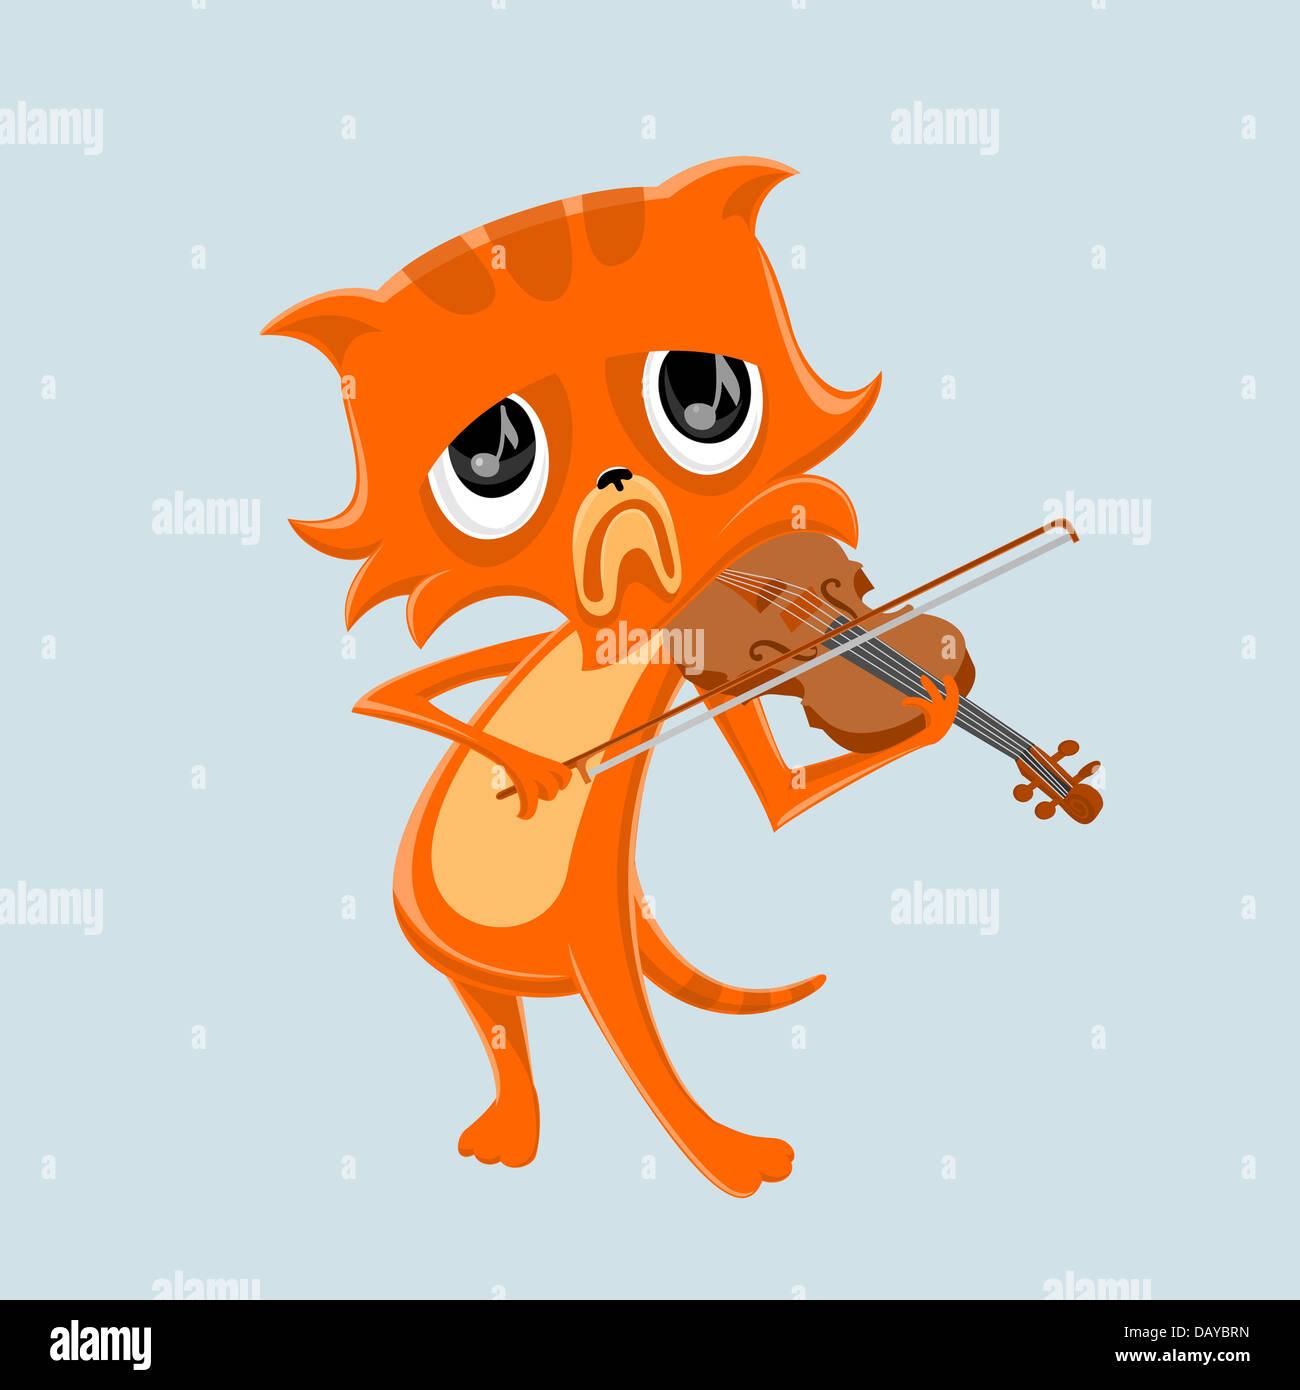 Very sad music - Stock Image